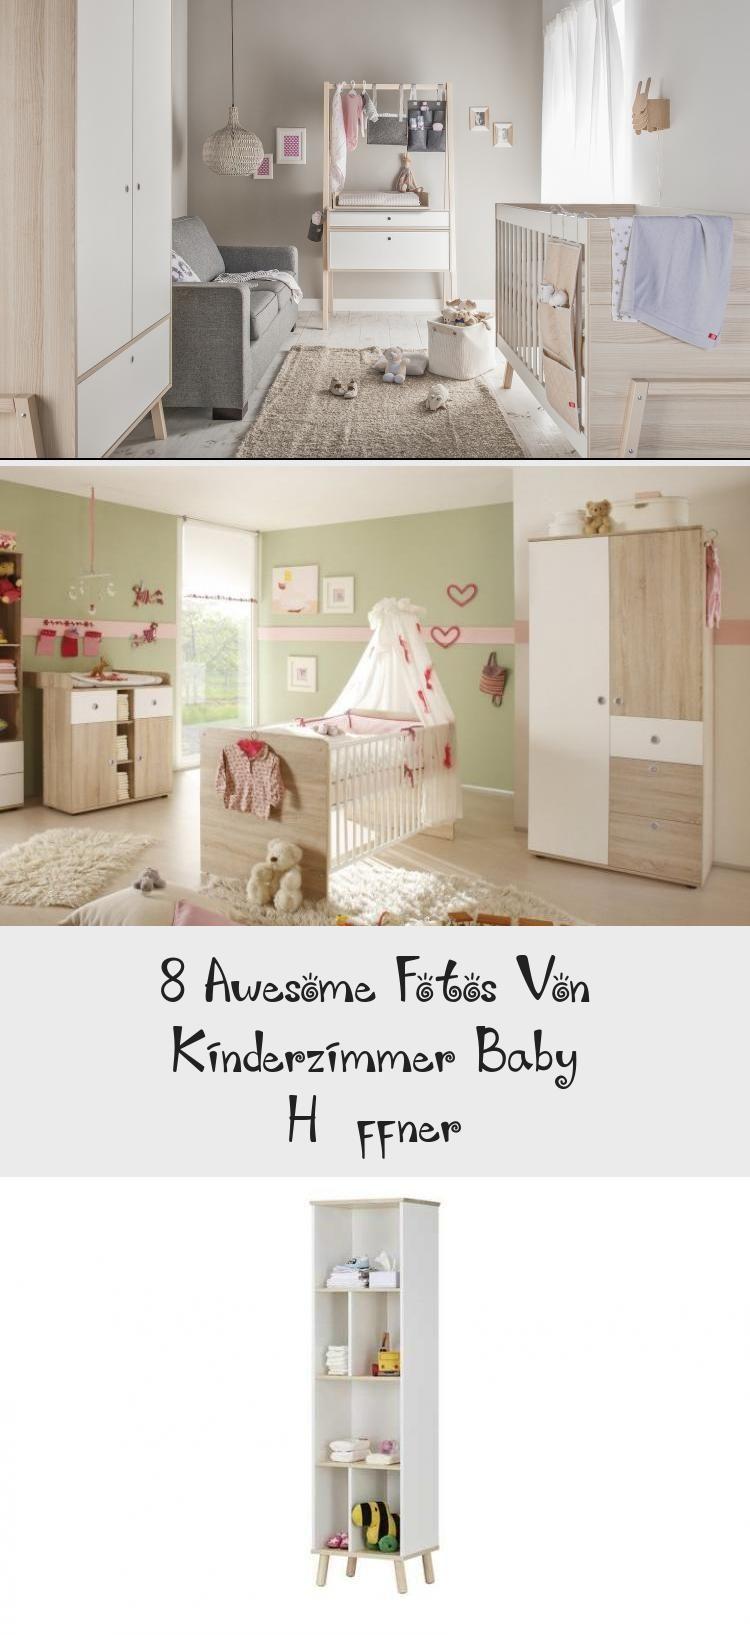 8 awesome fotos von kinderzimmer baby höffner | kinder